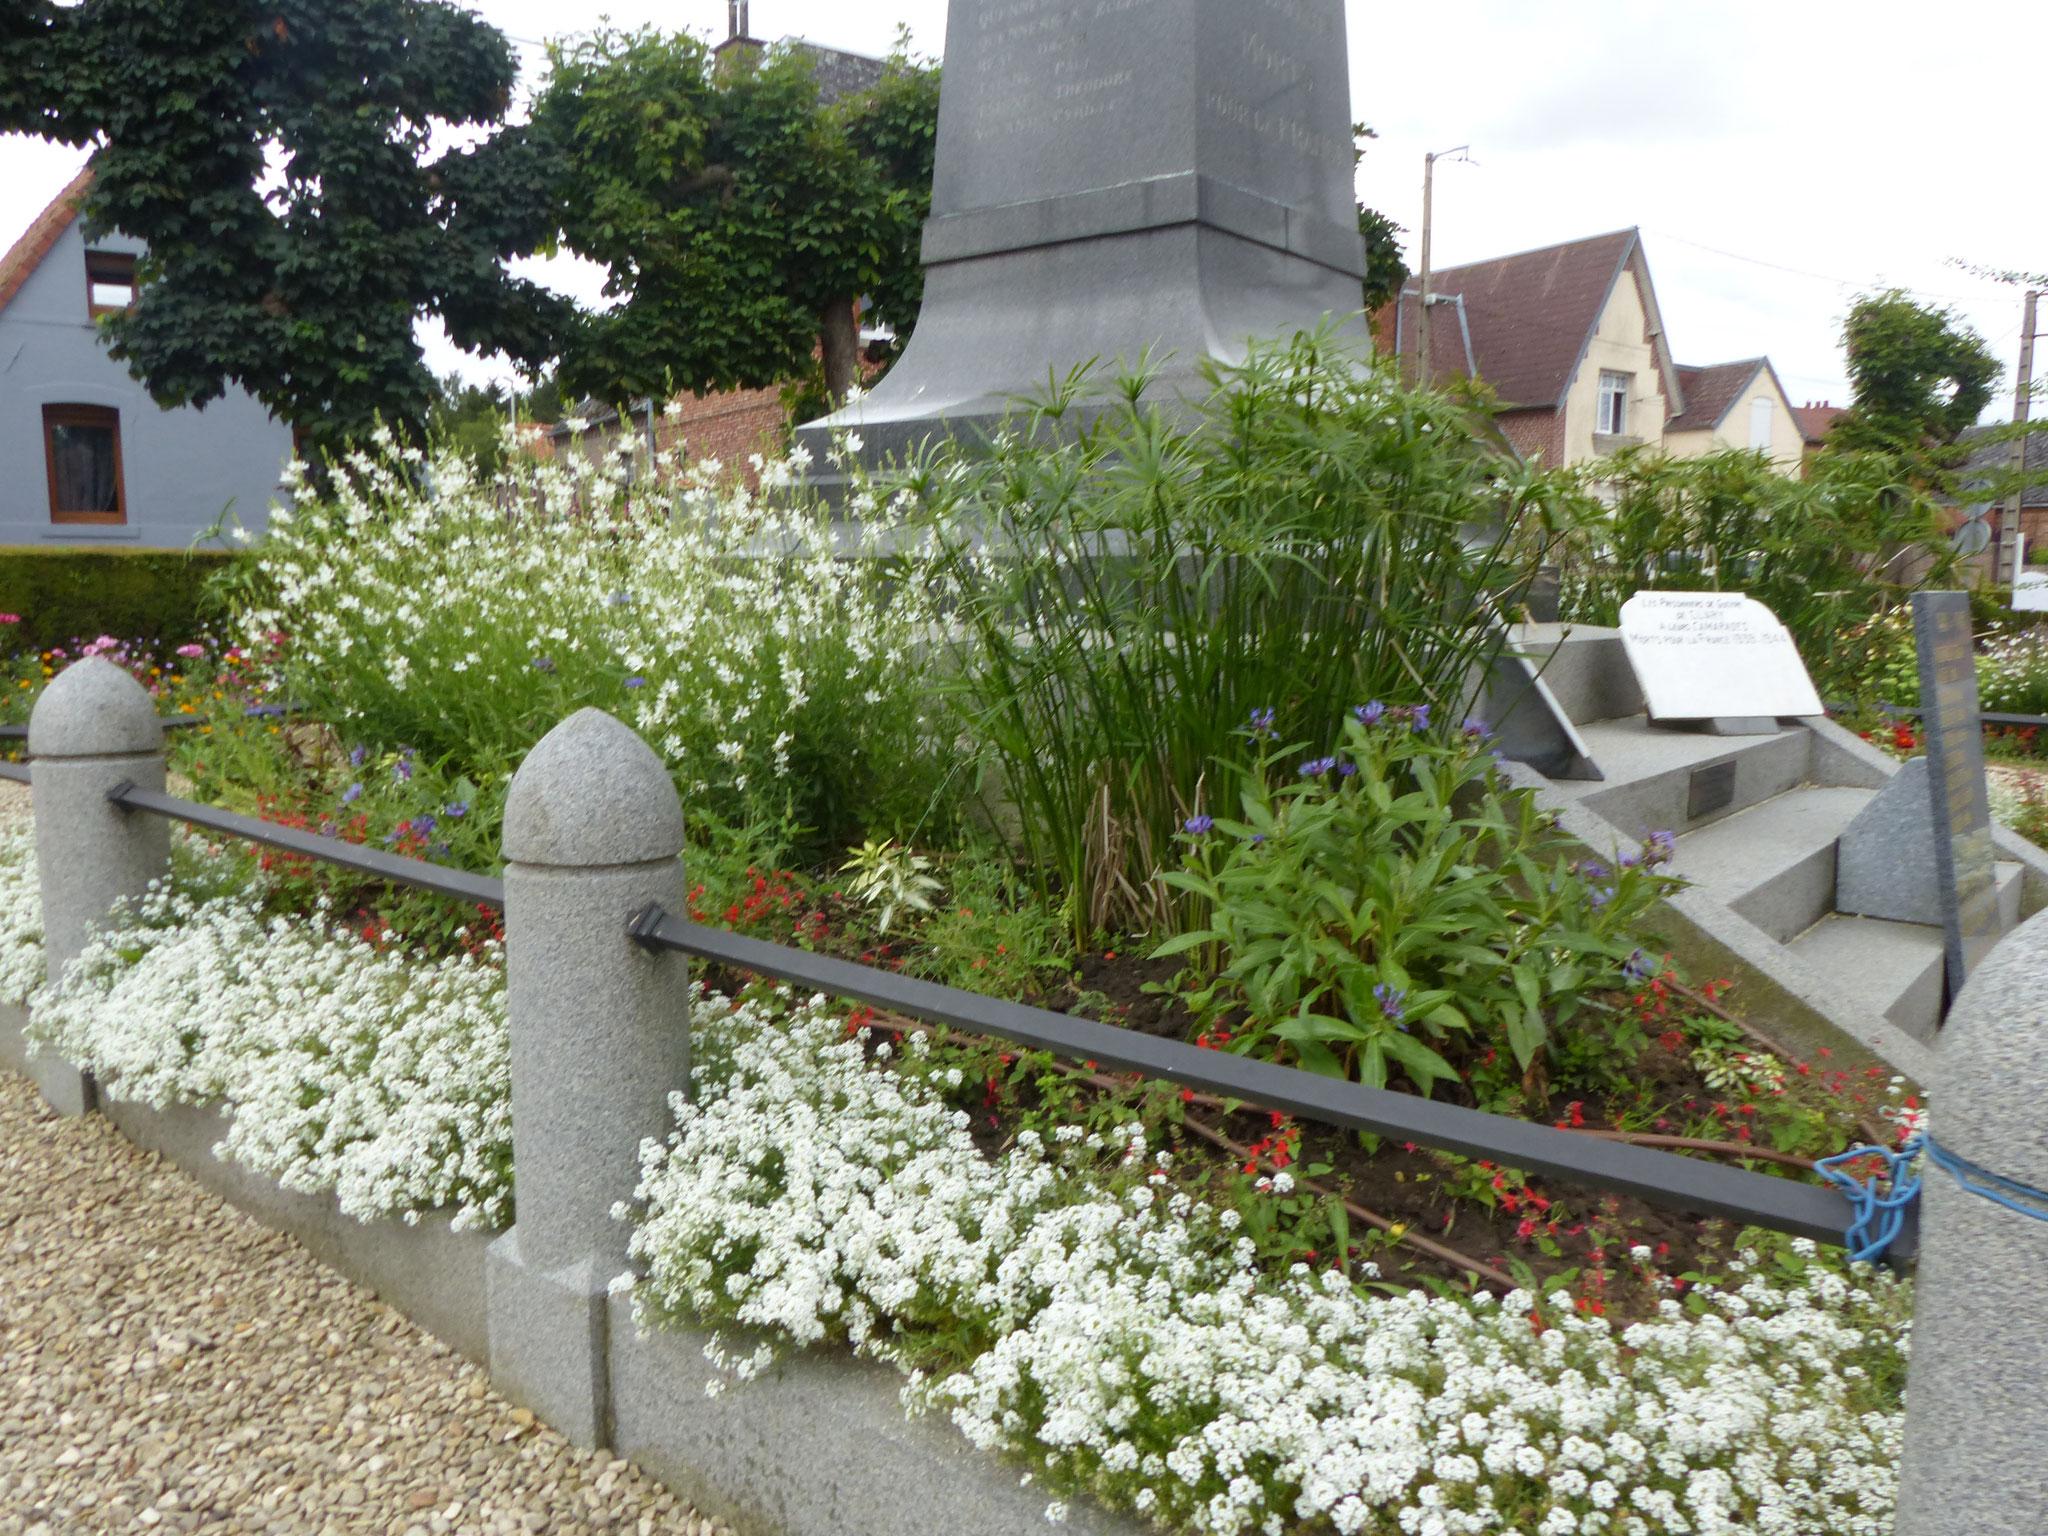 Le monument est implanté dans un espace fleuri: réel lieu de recueillement...